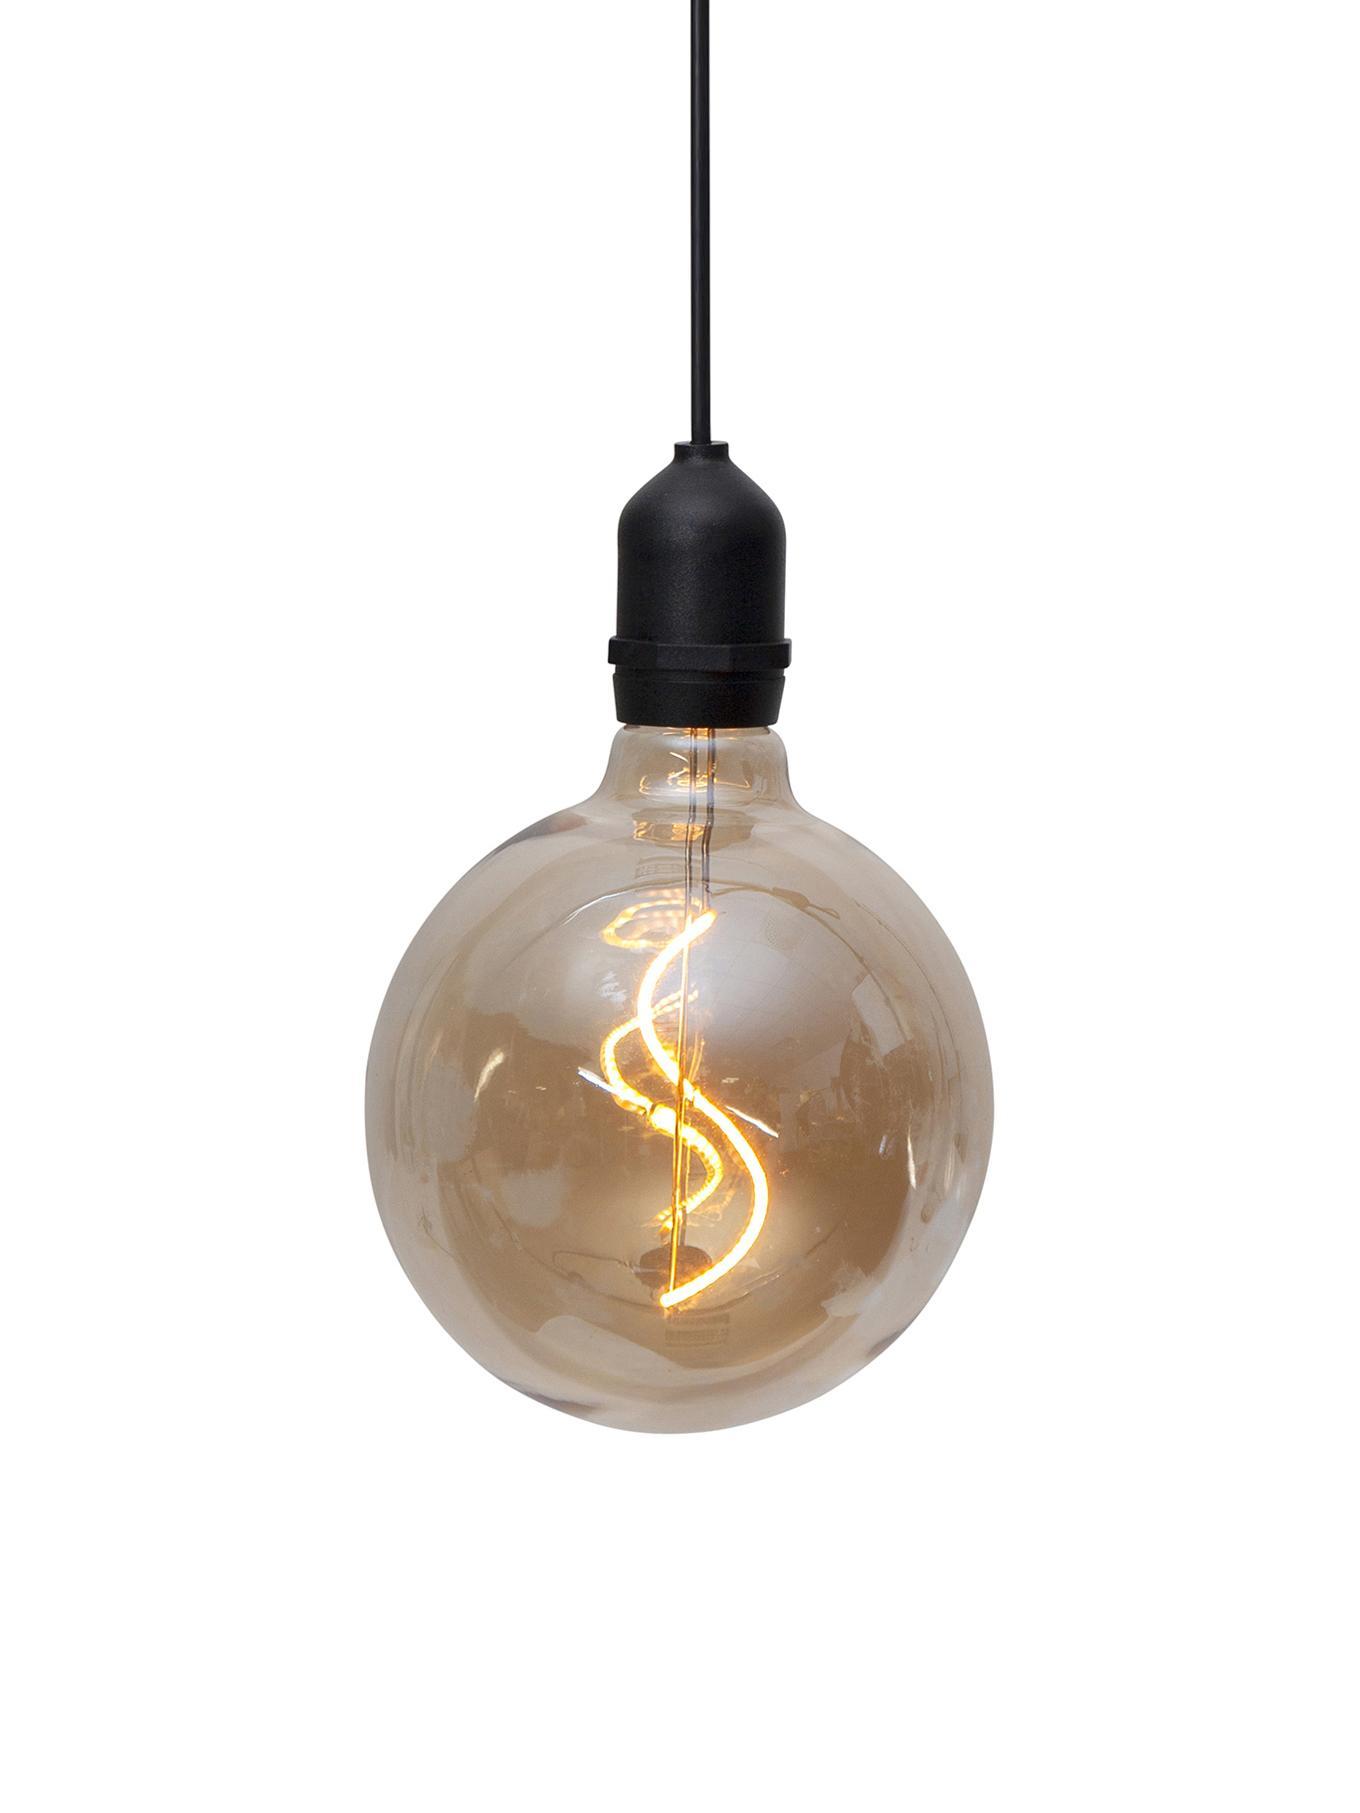 Lámpara LED para exterior Bowl, Pantalla: vidrio, Cable: plástico, Ámbar, transparente, negro, Ø 13 x Al 18 cm